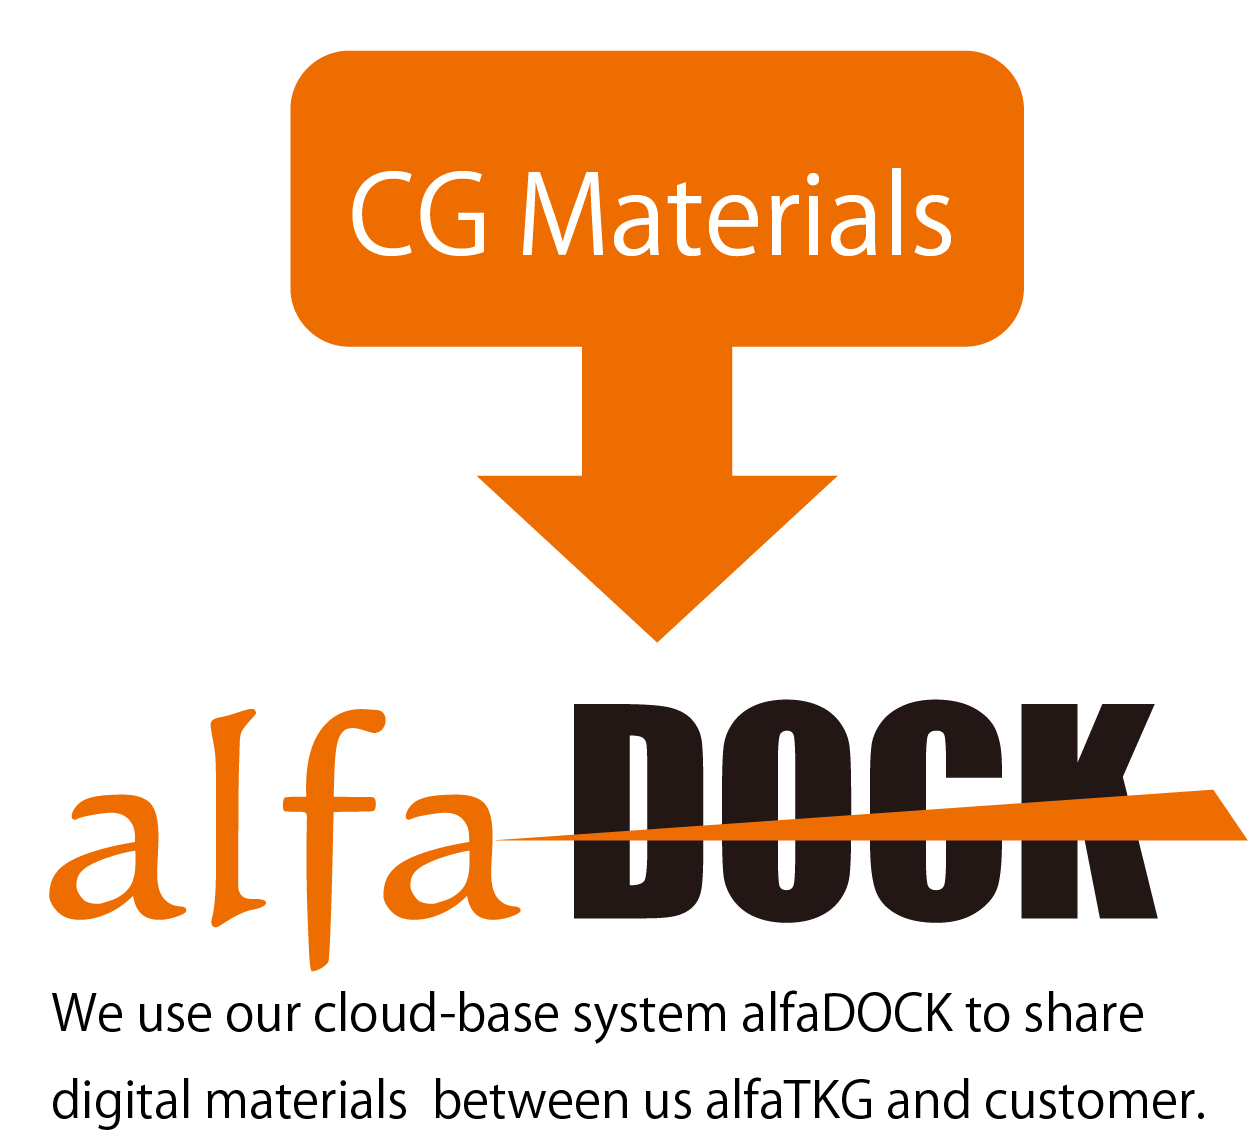 CGmaterials